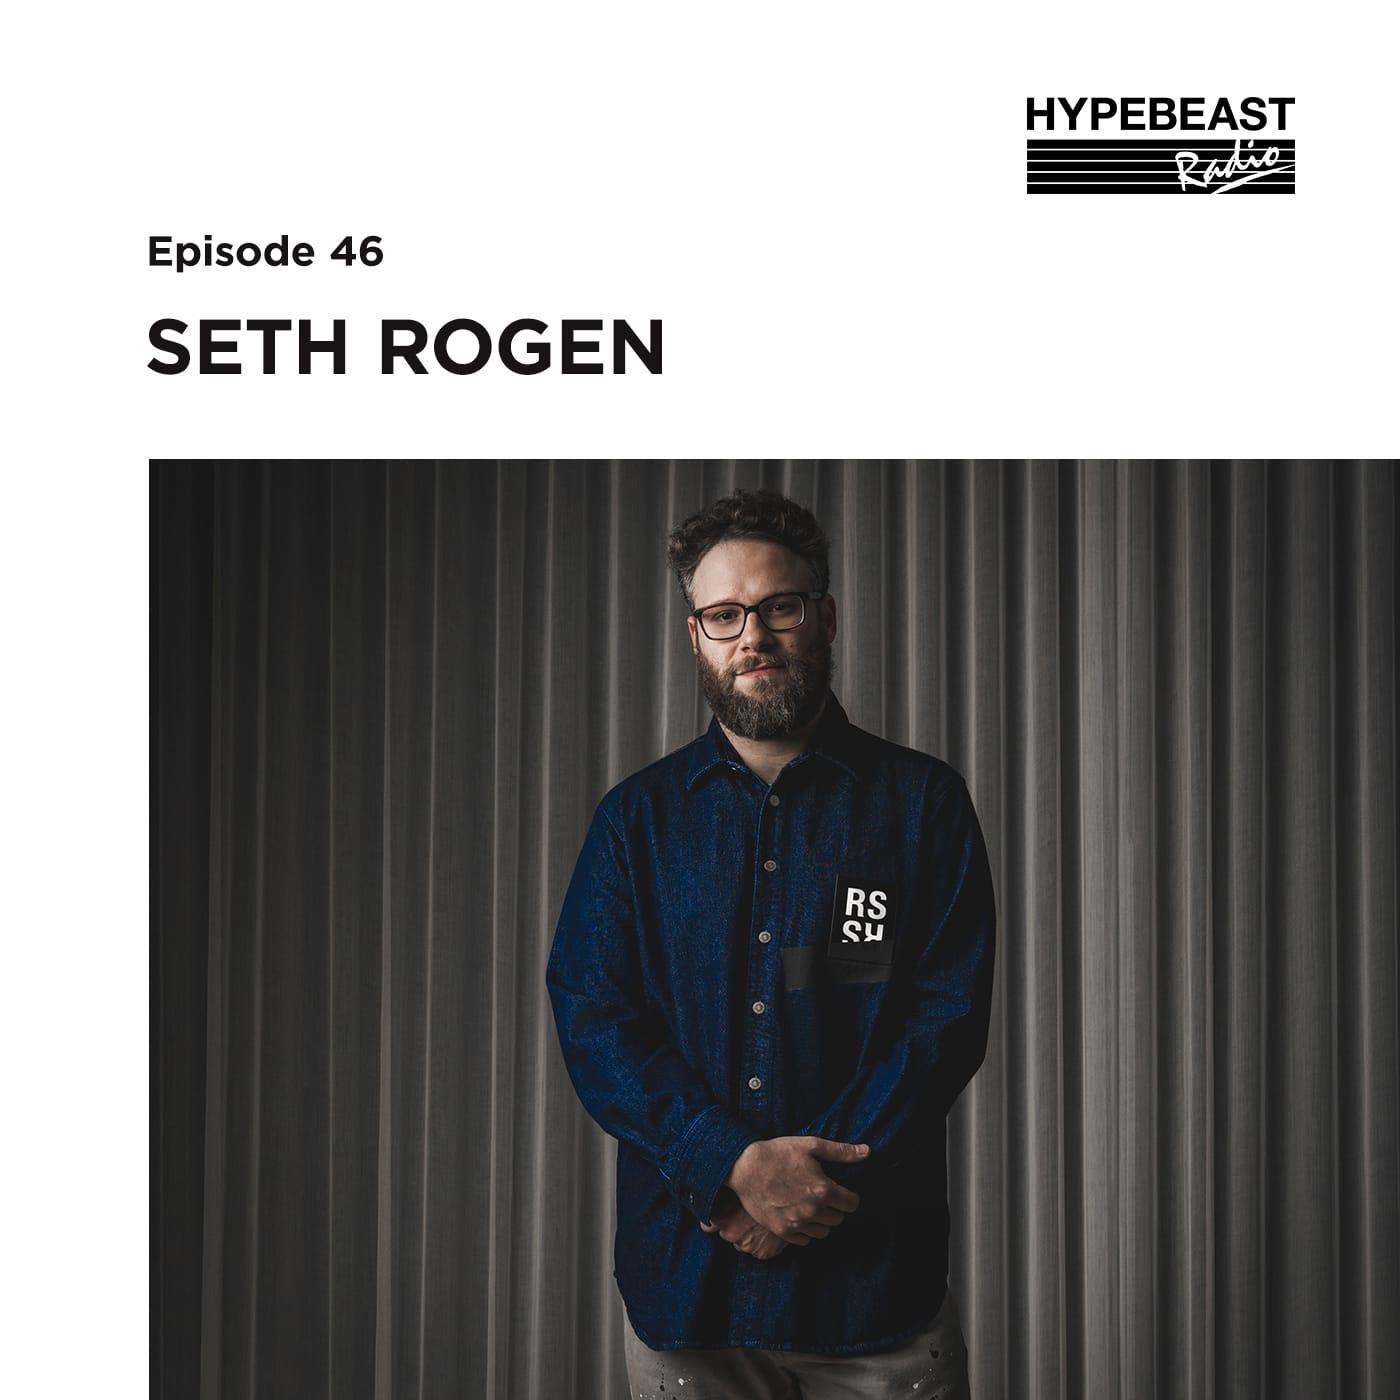 #46: Seth Rogen Has a Deep Laugh